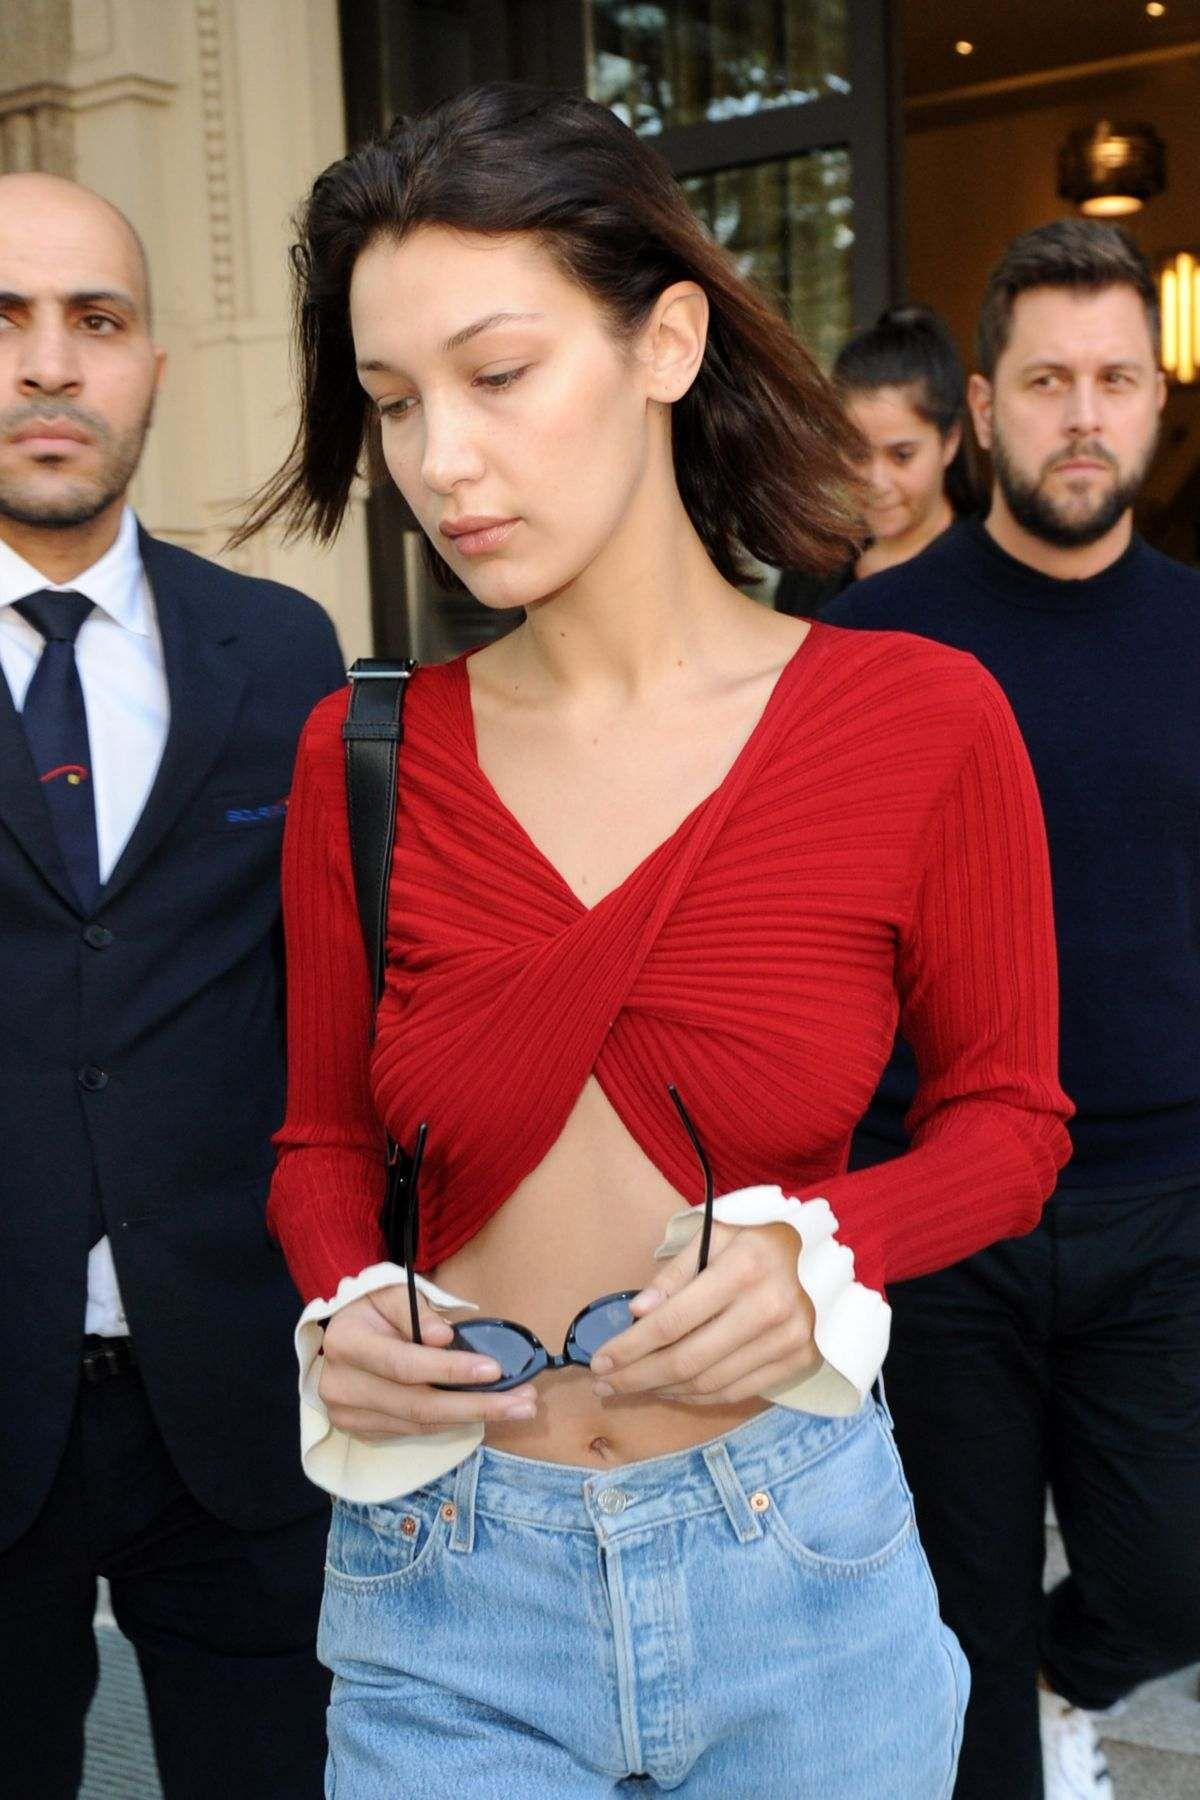 Bella Hadid leaving Her Hotel In Milan